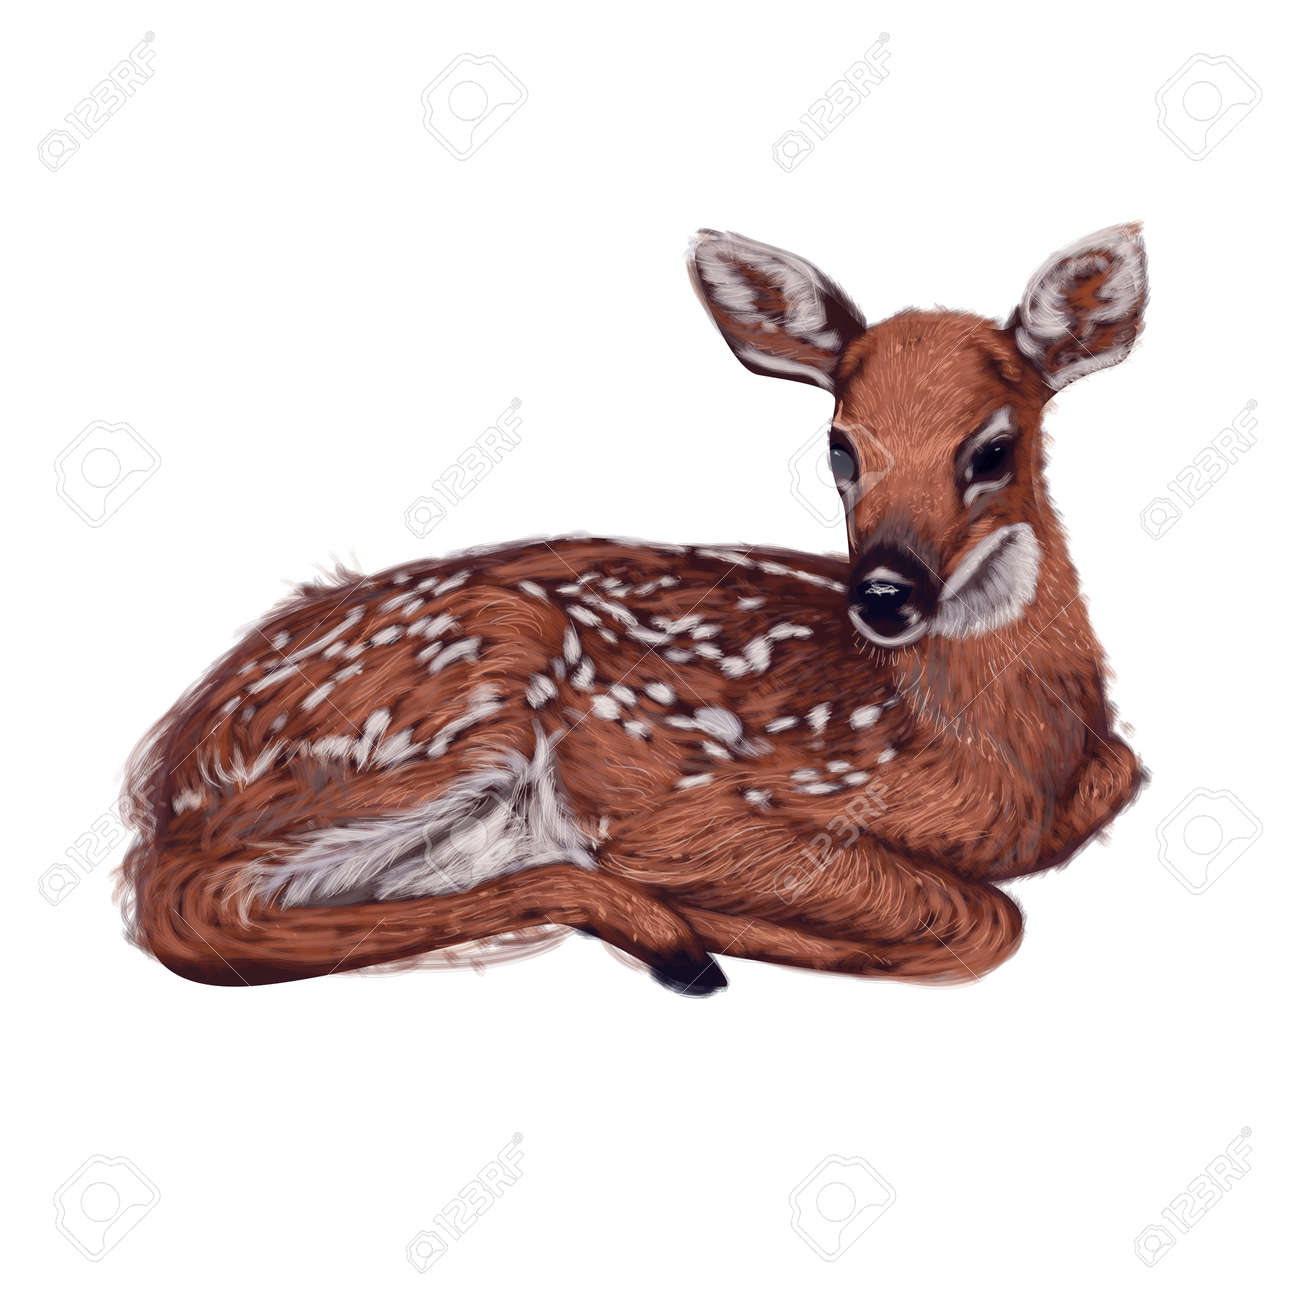 lying little baby deer illustration - 47706148